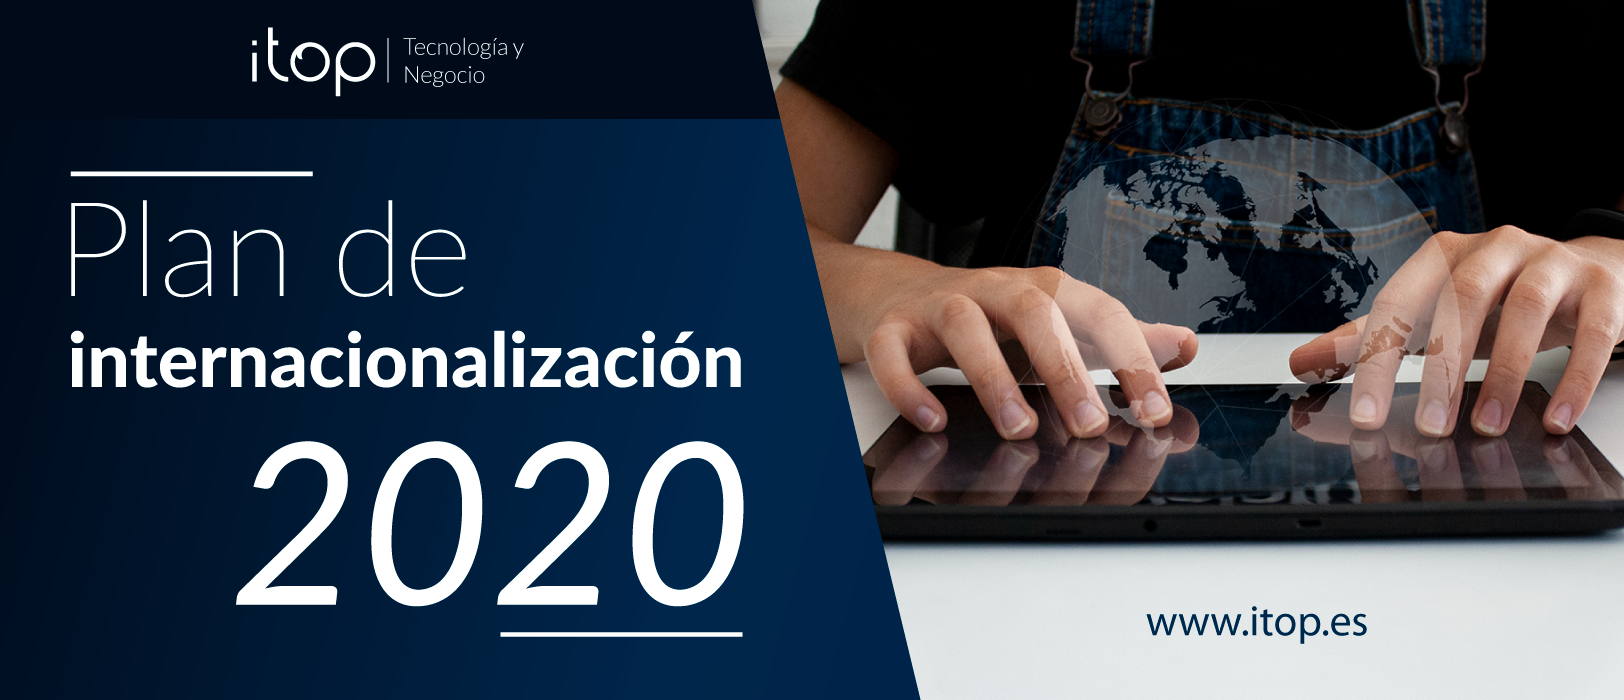 Itop continúa en su proceso de internacionalización en 2021